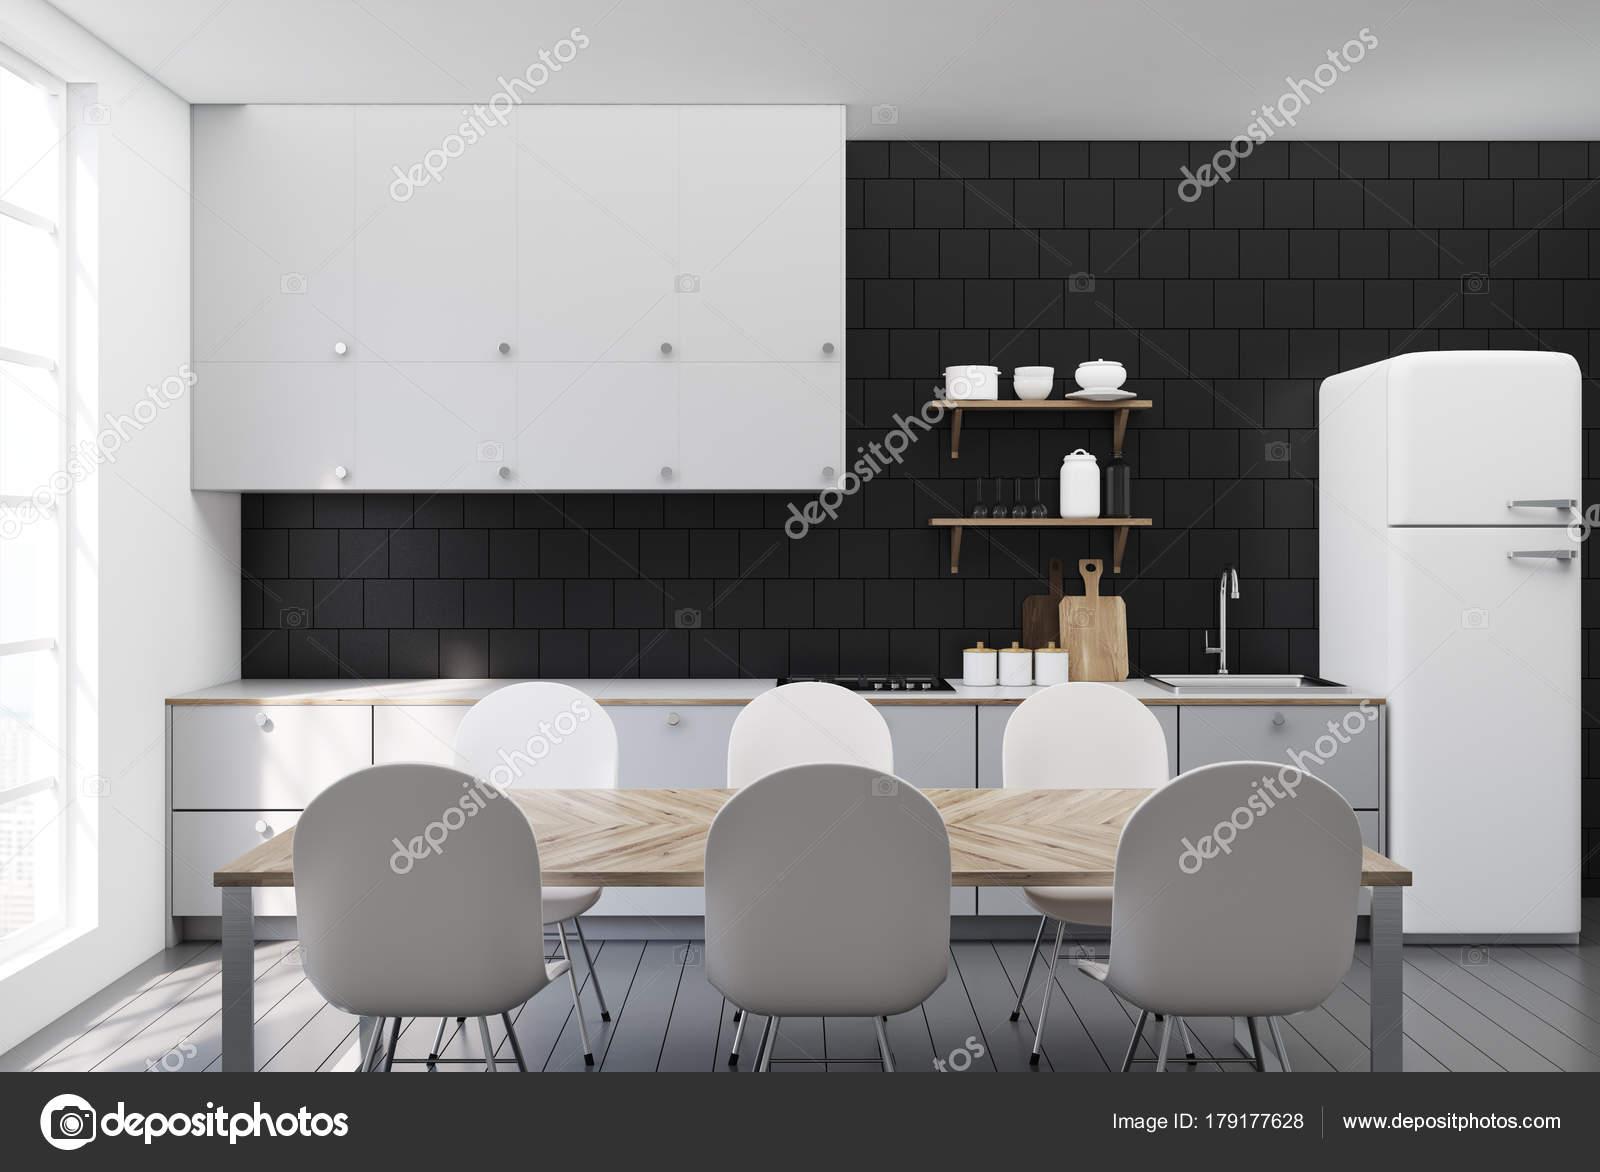 Nero piastrella piani cucina bianco u foto stock denisismagilov